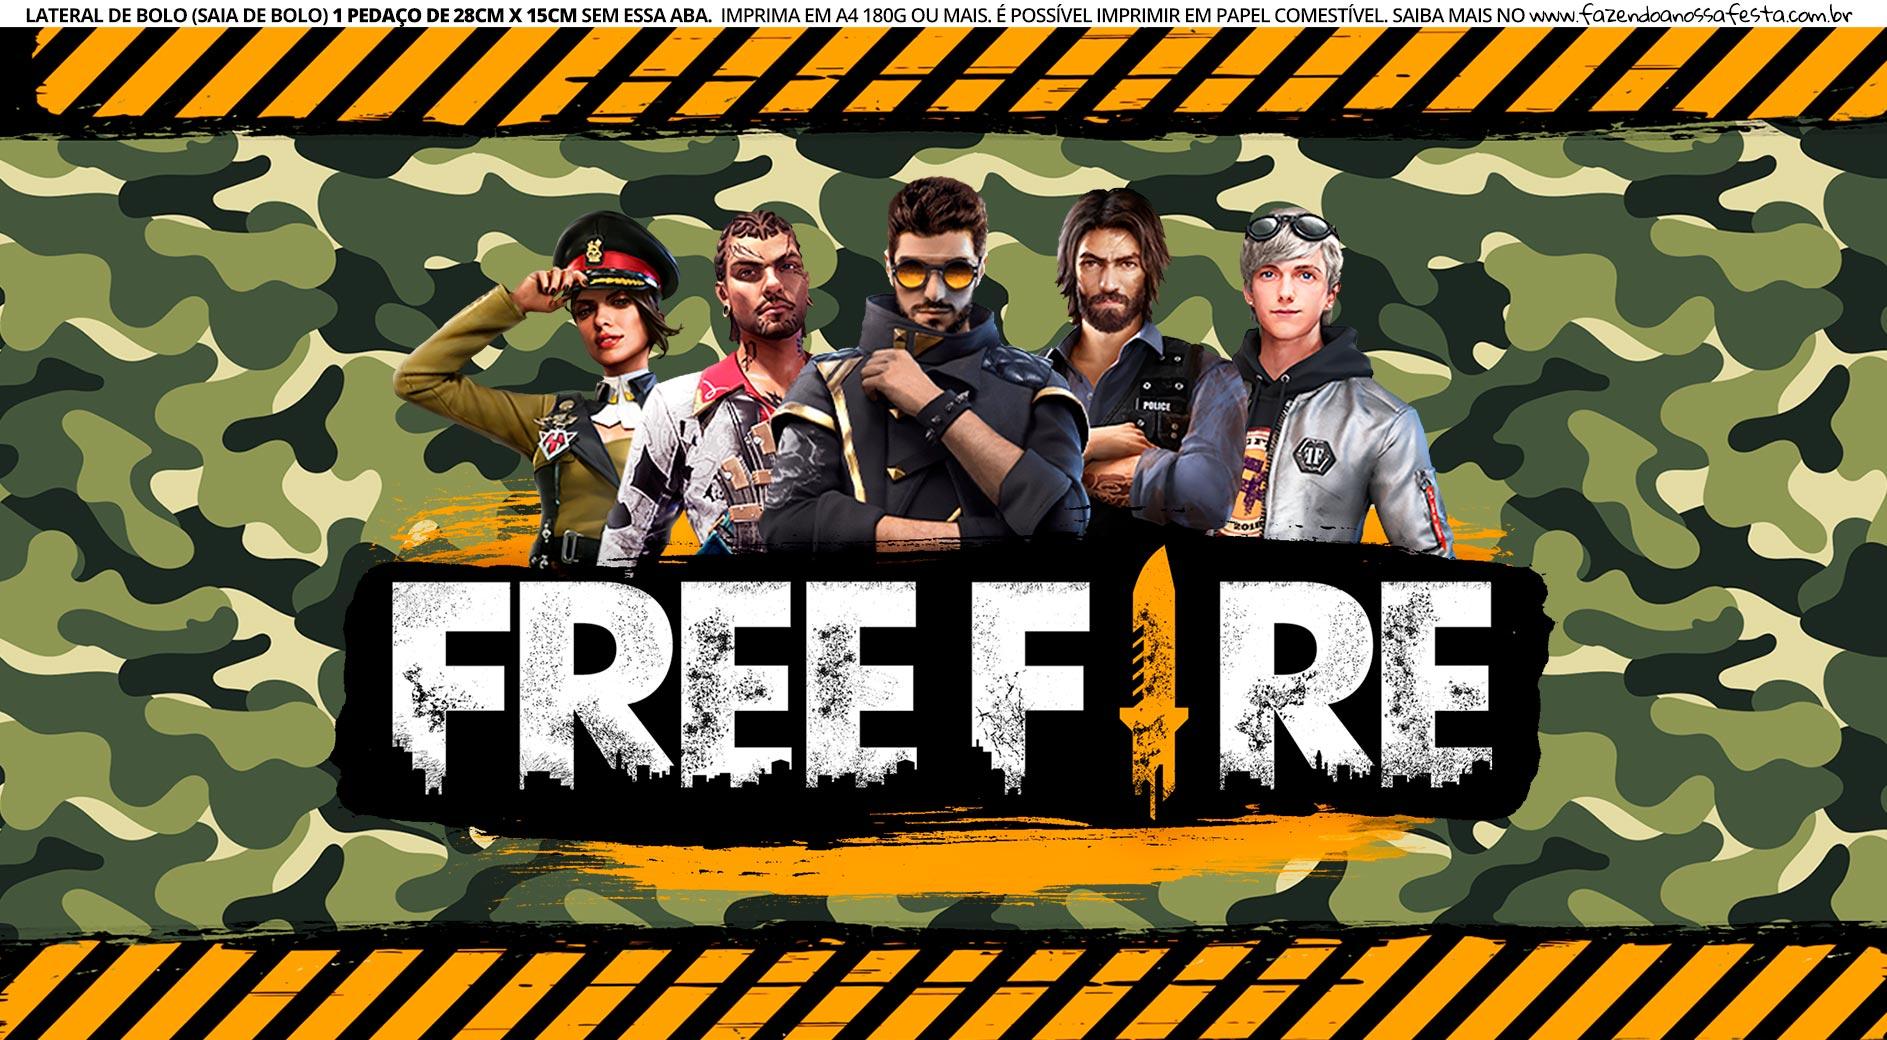 Saia de Bolo Free Fire 3